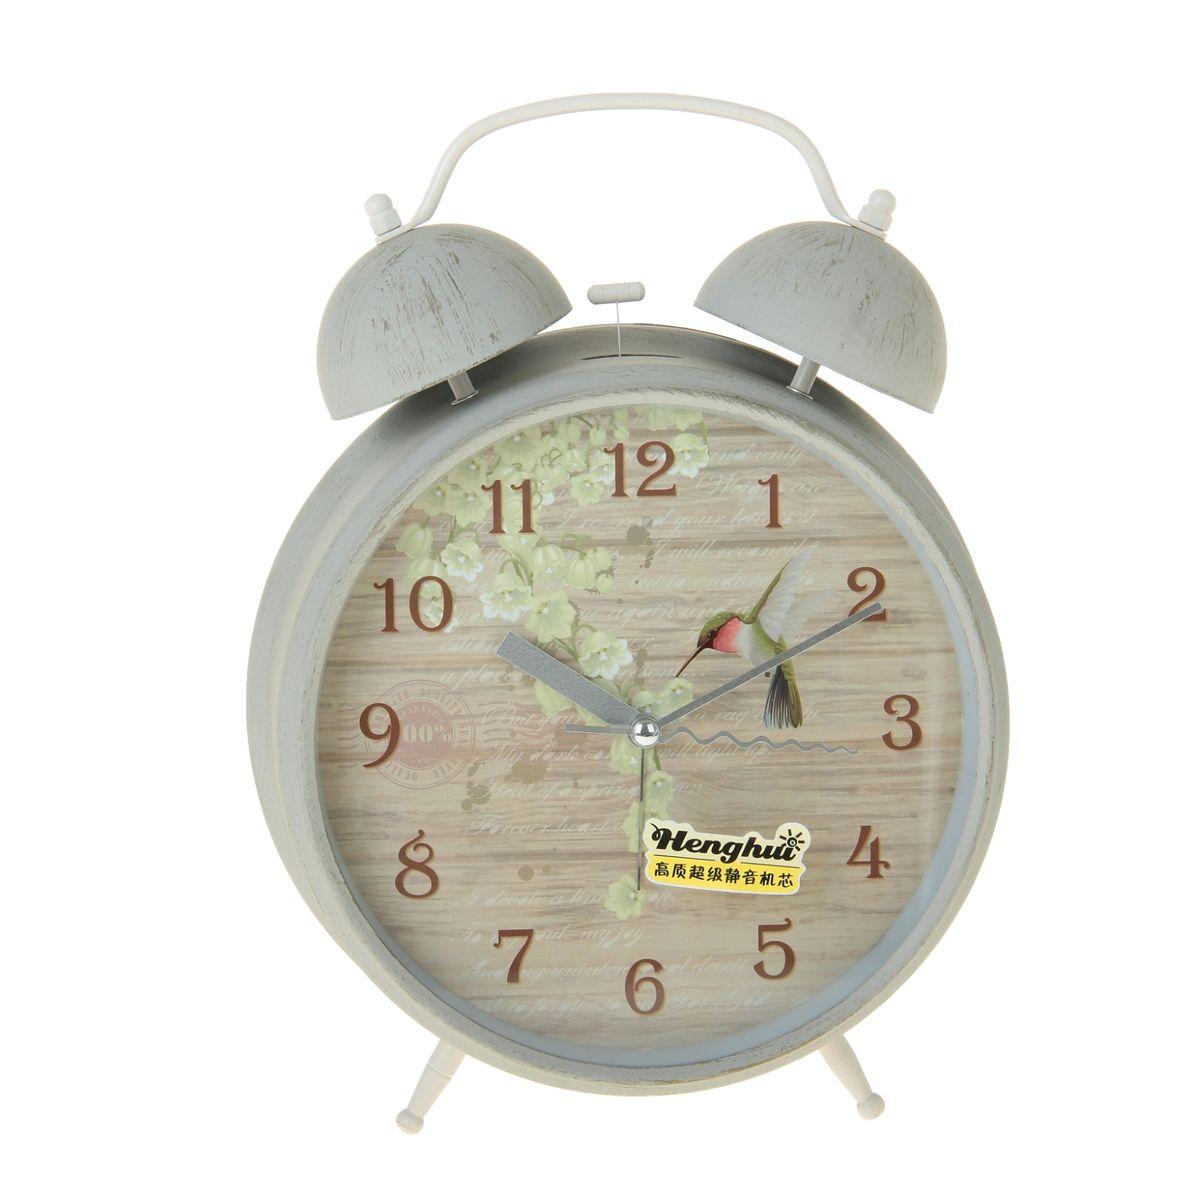 Часы-будильник Sima-land Птичка с цветами, диаметр 20 смFA-2406-2 OrangeЧасы-будильник Sima-land Птичка с цветами - это невероятных размеров устройство, созданное специально для тех, кто с трудом просыпается по утрам!Изделие обладает ярким интересным дизайном восточного стиля. Такой будильник станет изюминкой вашего интерьера.Будильник работает от 1 батарейки типа С 1,5 В (в комплект не входит). На задней панели будильника расположены переключатель включения/выключения механизма, два поворотных рычага для настройки текущего времени и установки будильника, а также кнопка для включения подсветки циферблата.Диаметр циферблата: 20 см.